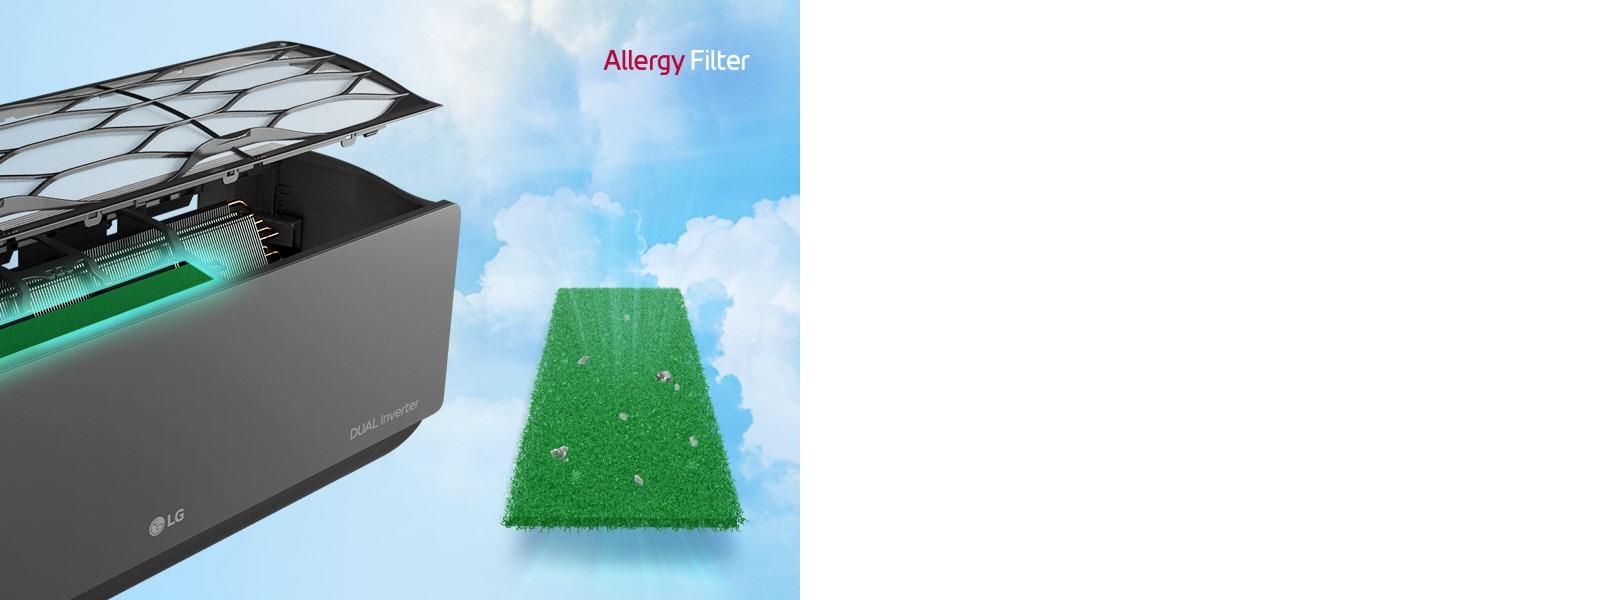 Απεικονίζεται το κλιματιστικό στο πλάι και υπό γωνία, με τα φίλτρα να αιωρούνται υποδεικνύοντας το αντιαλλεργικό φίλτρο, το οποίο είναι τοποθετημένο εσωτερικά. Δίπλα στο μηχάνημα βρίσκεται ολόκληρο το πράσινο αντιαλλεργικό φίλτρο με παγιδευμένα ακάρεα σκόνης. Το λογότυπο AllergyFilter βρίσκεται στην άνω δεξιά γωνία.